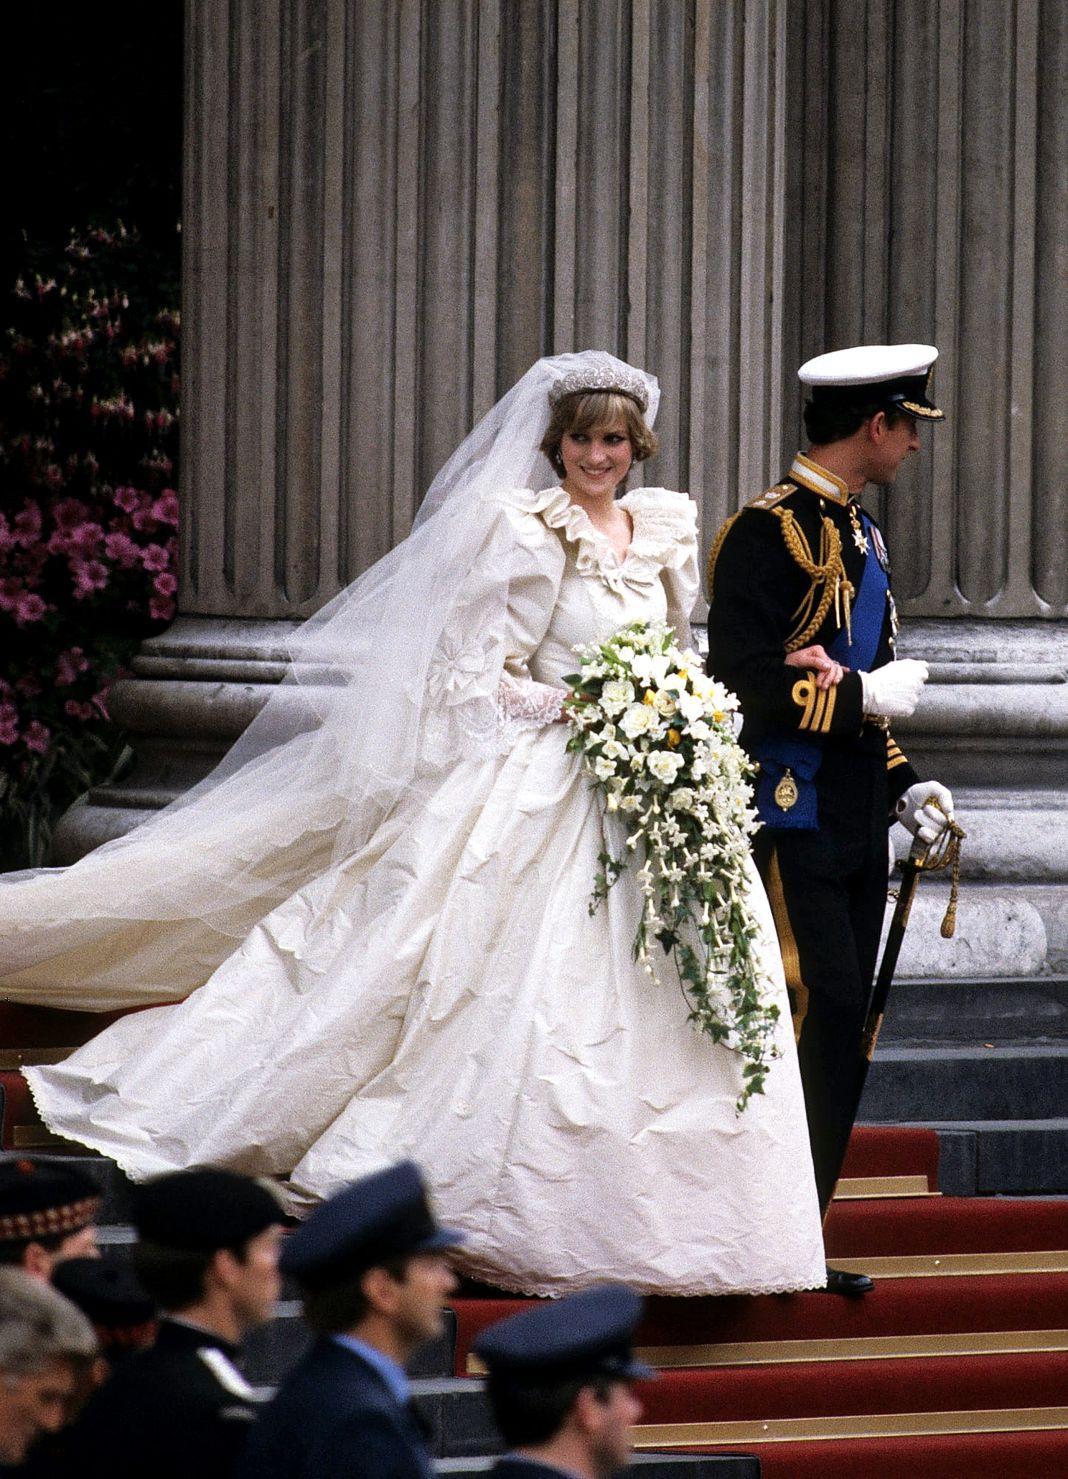 Чарльз, принц Уэльский, и Диана, принцесса Уэльская, в свадебном платье, созданном Дэвидом и Элизабет Эмануэль, покидают собор Святого Павла